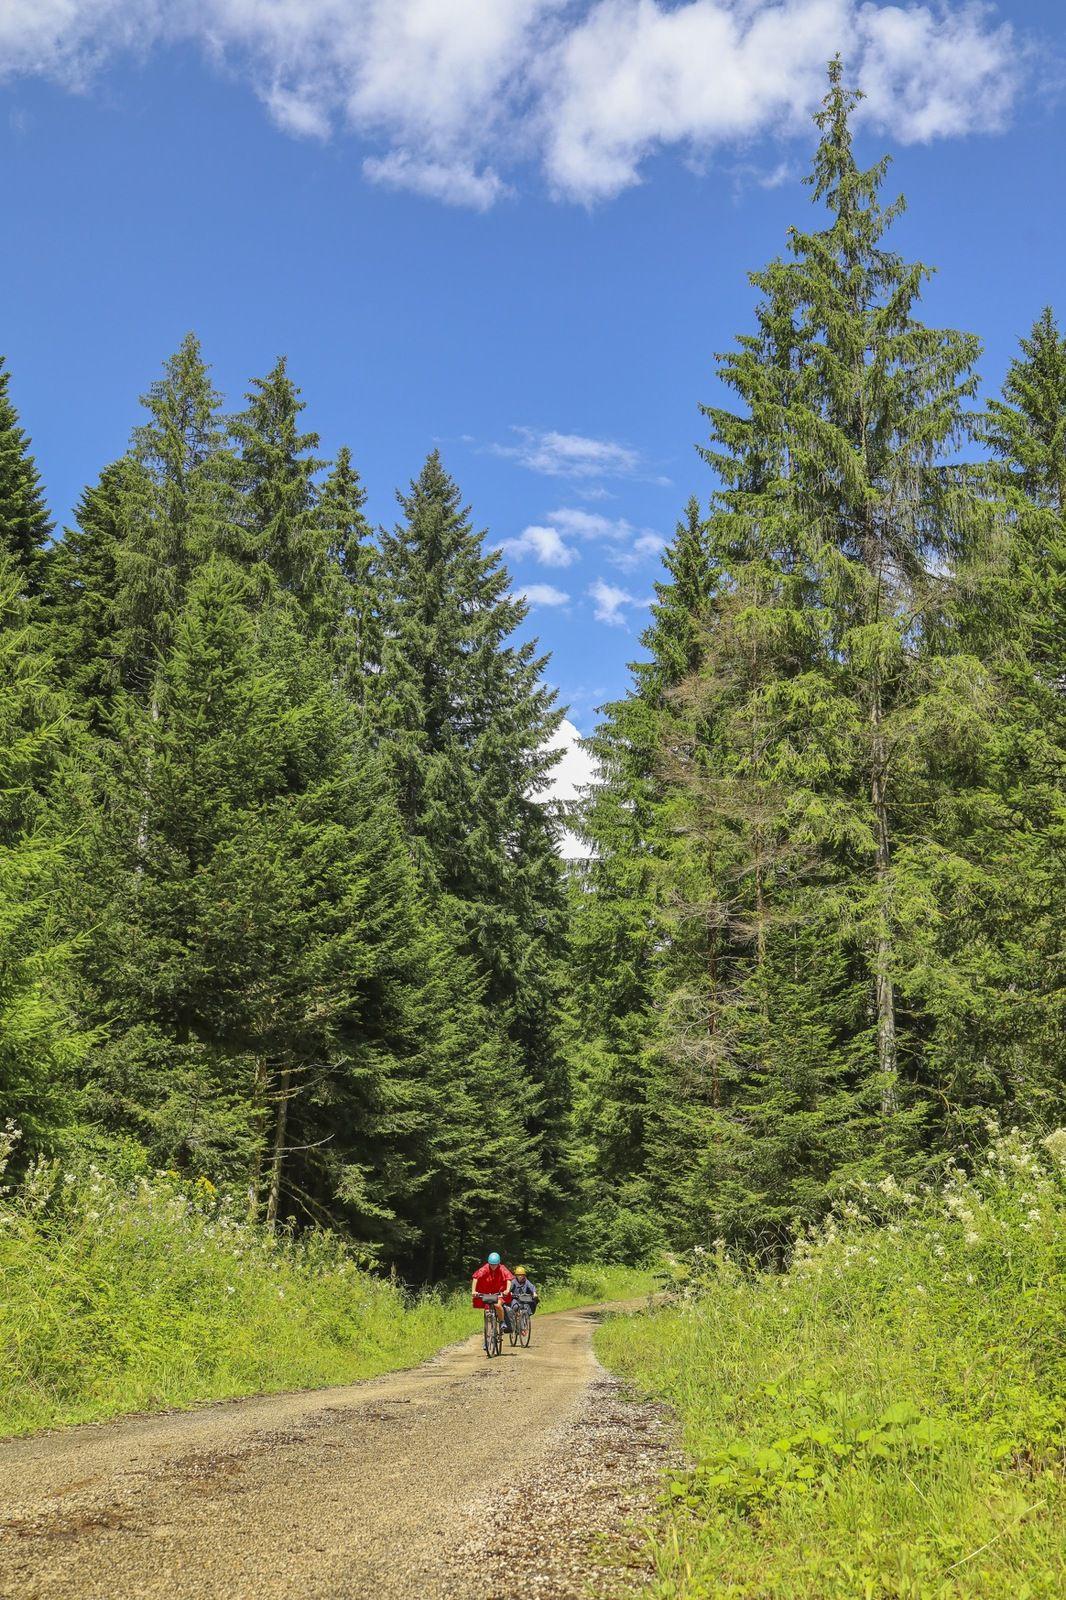 Petites routes forestières juste après une brève mais intense averse où Emie nous trouvera une excellent abri sous des hêtres denses